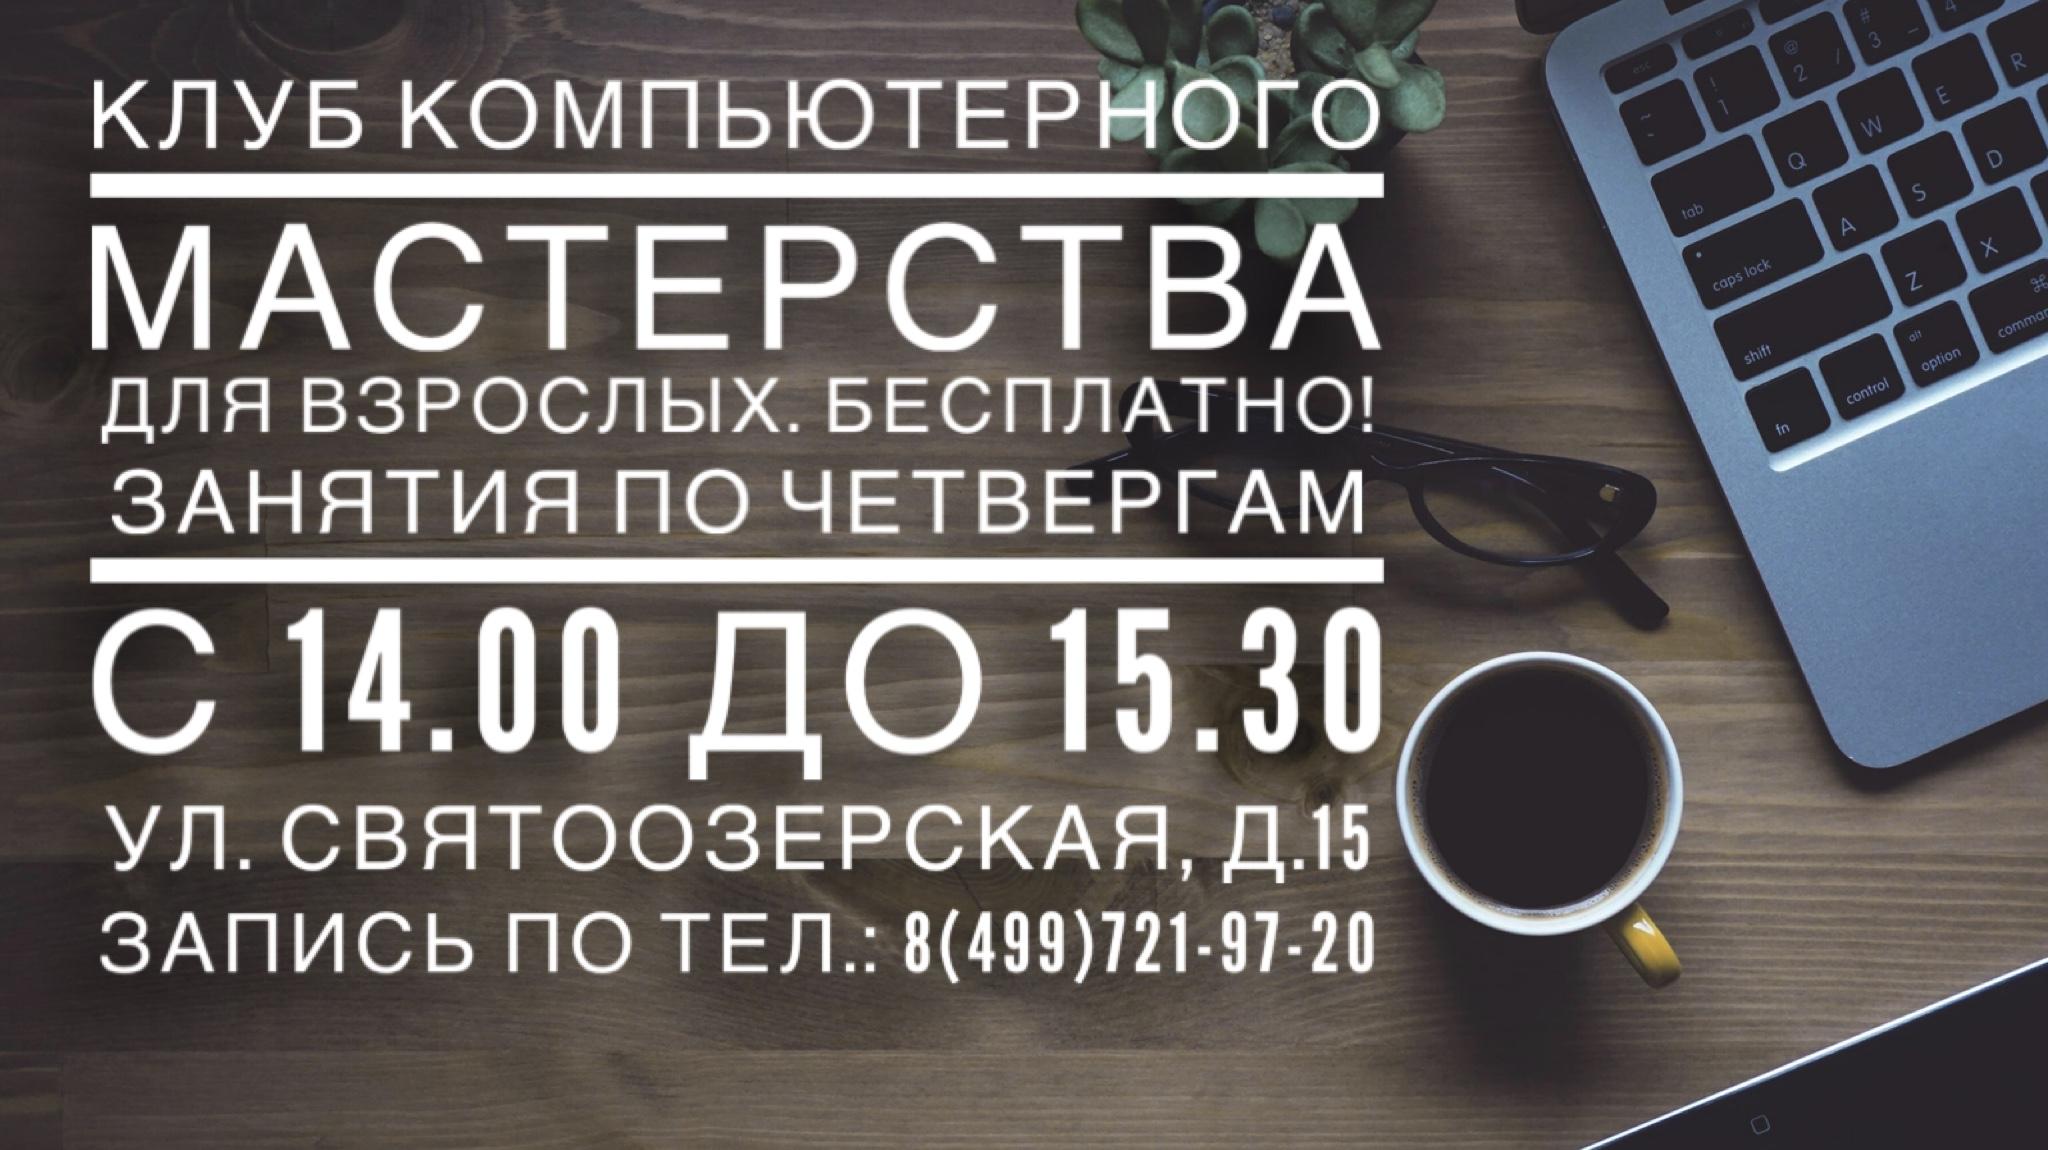 5AD3B945-FA3A-472E-950A-2195637ACB43